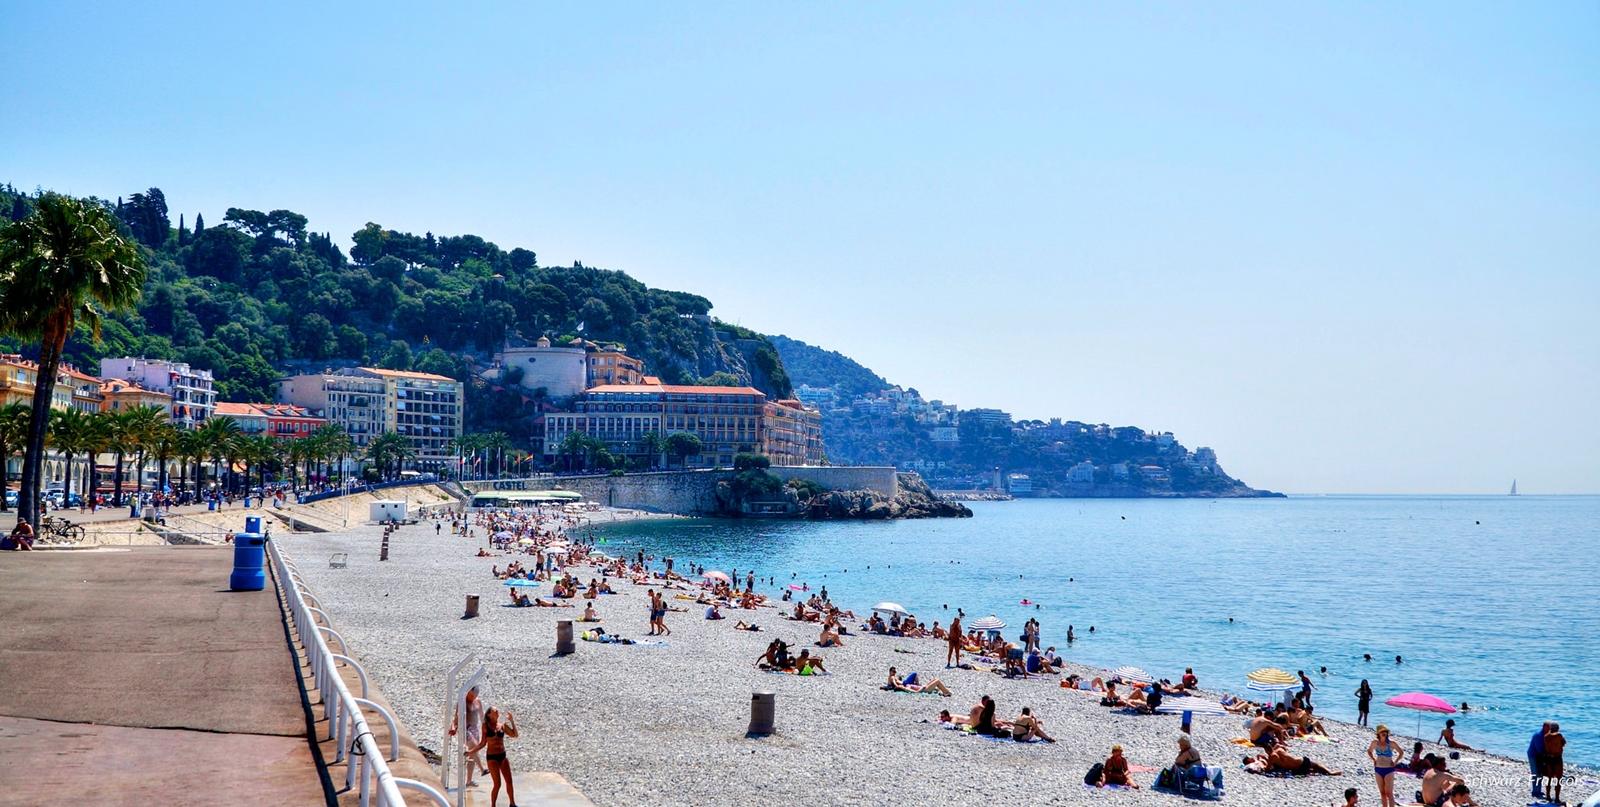 Den berømte strandpromenaden i Nice: I år åsted for både dødelig terrorangrep og burkinidebatt.